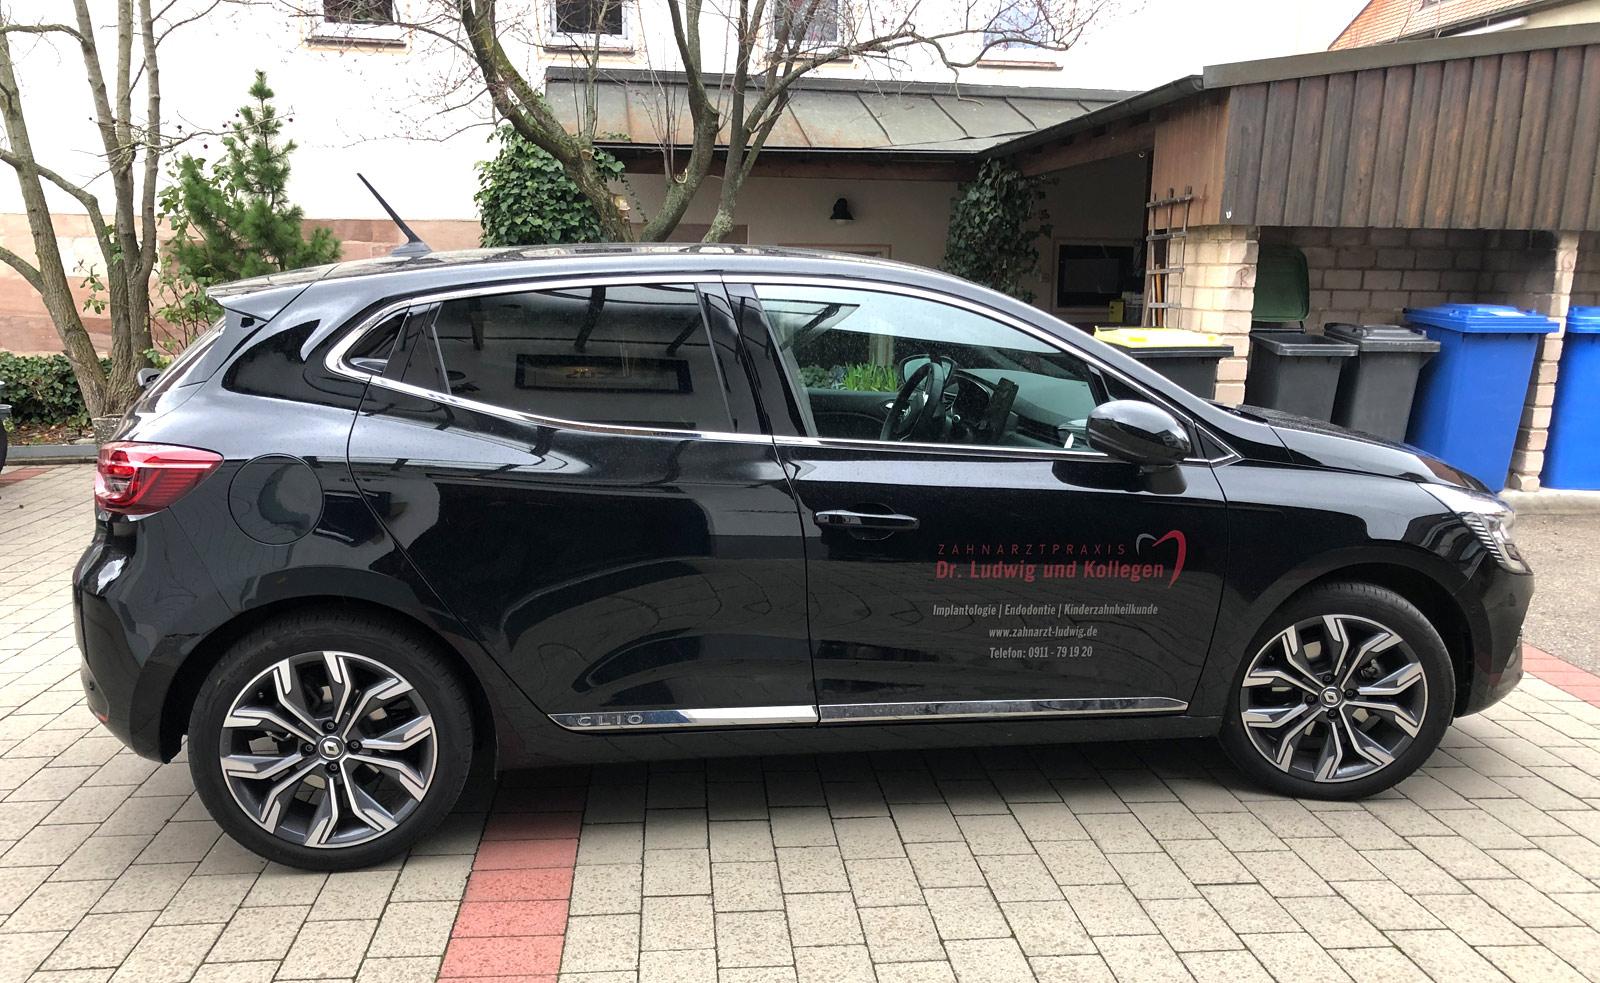 Seitenansicht eines schwarzen Fahrzeugs mit Beklebung für Dr Ludwig und Kollegen